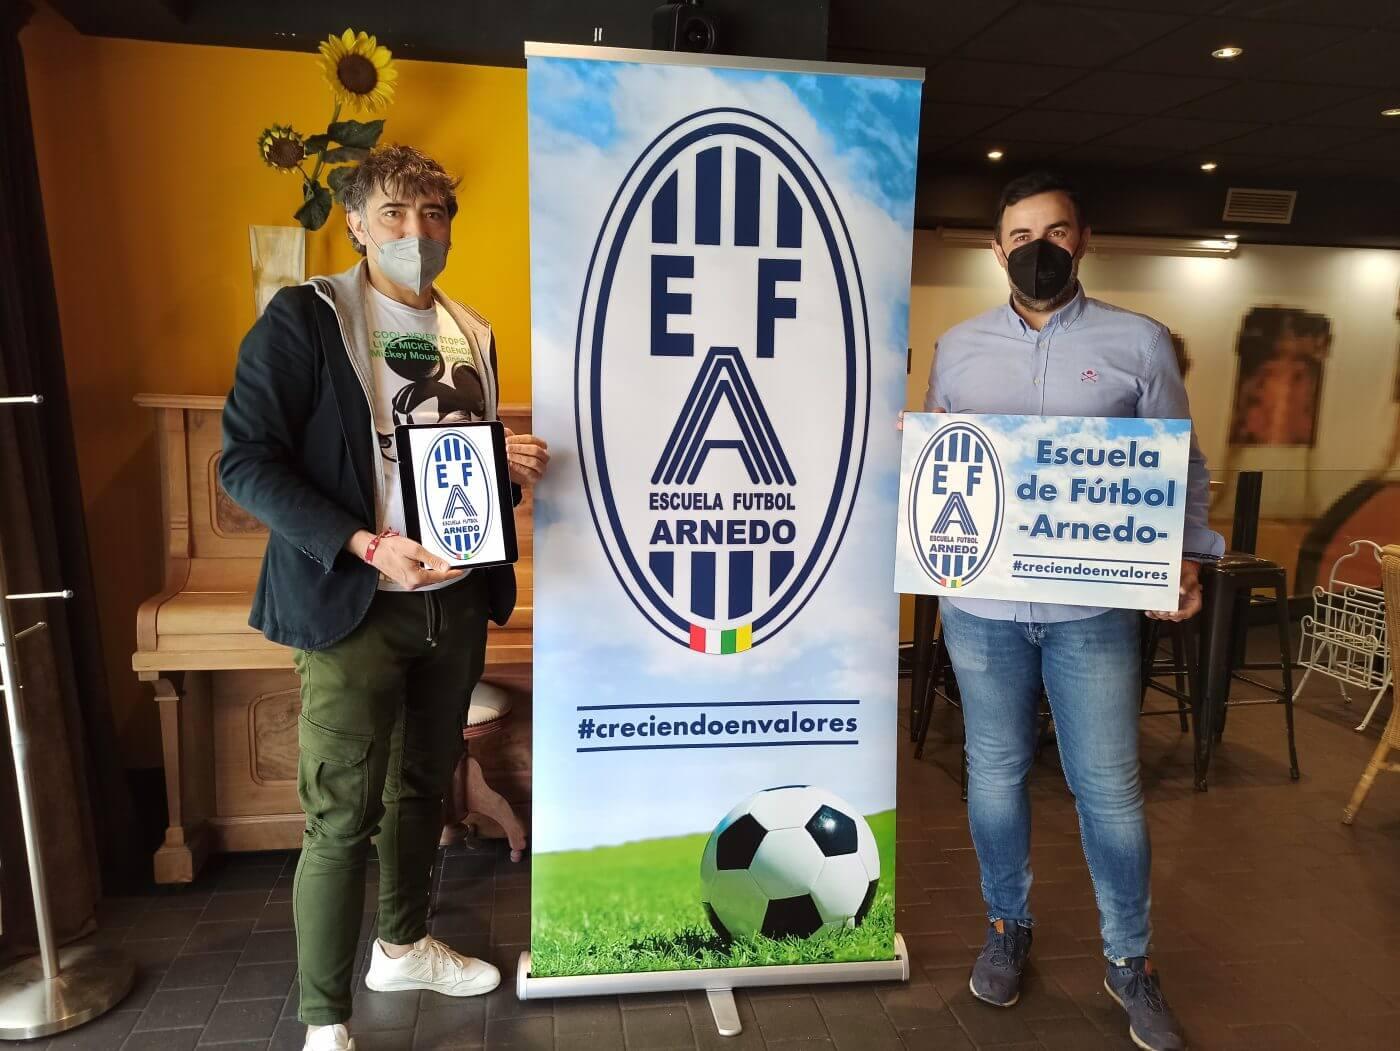 La Escuela de Fútbol de Arnedo presenta su nuevo escudo, realizado por su expresidente David Marín